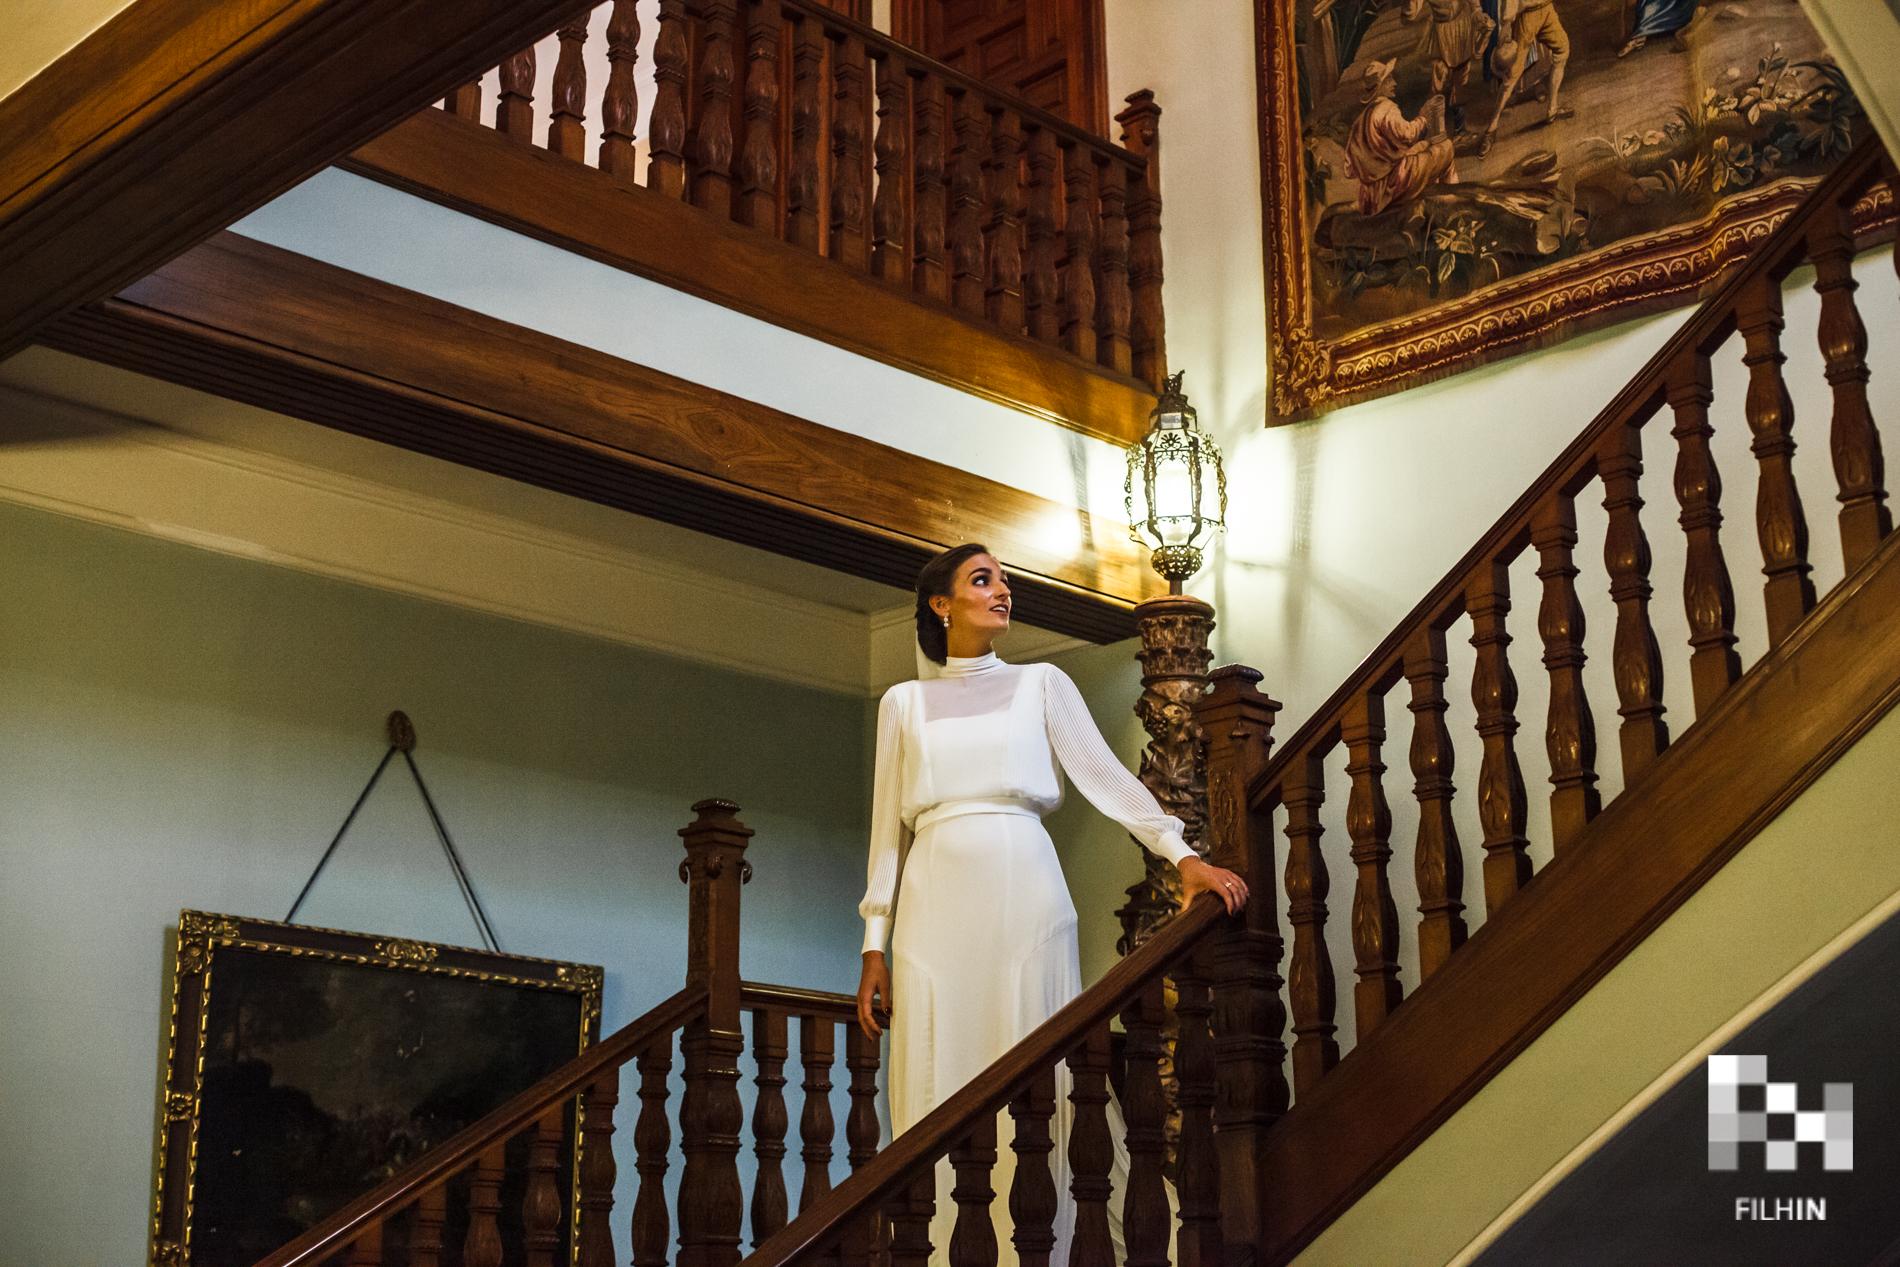 La boda de Macarena y Miguel | FILHIN